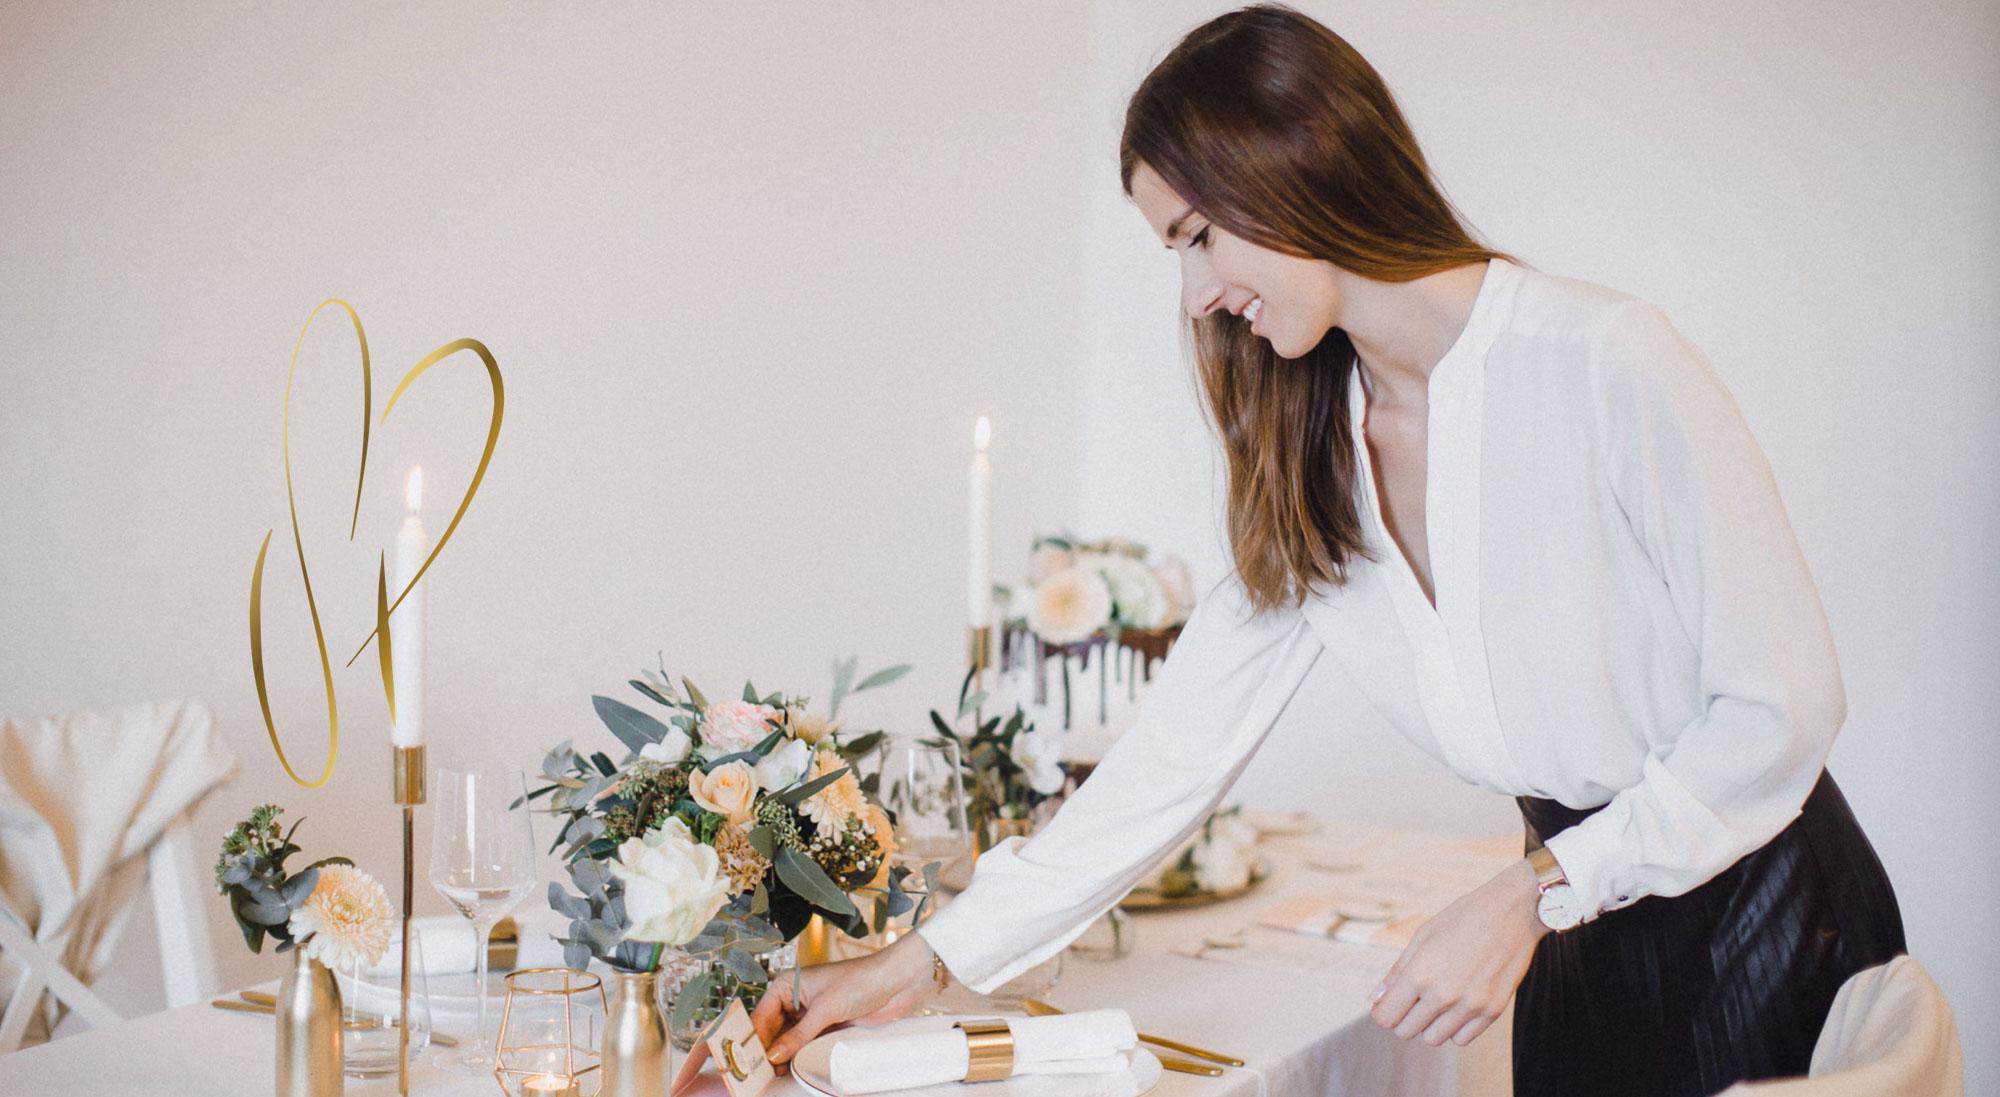 Hochzeitsplanerin Sabrina Perchtold